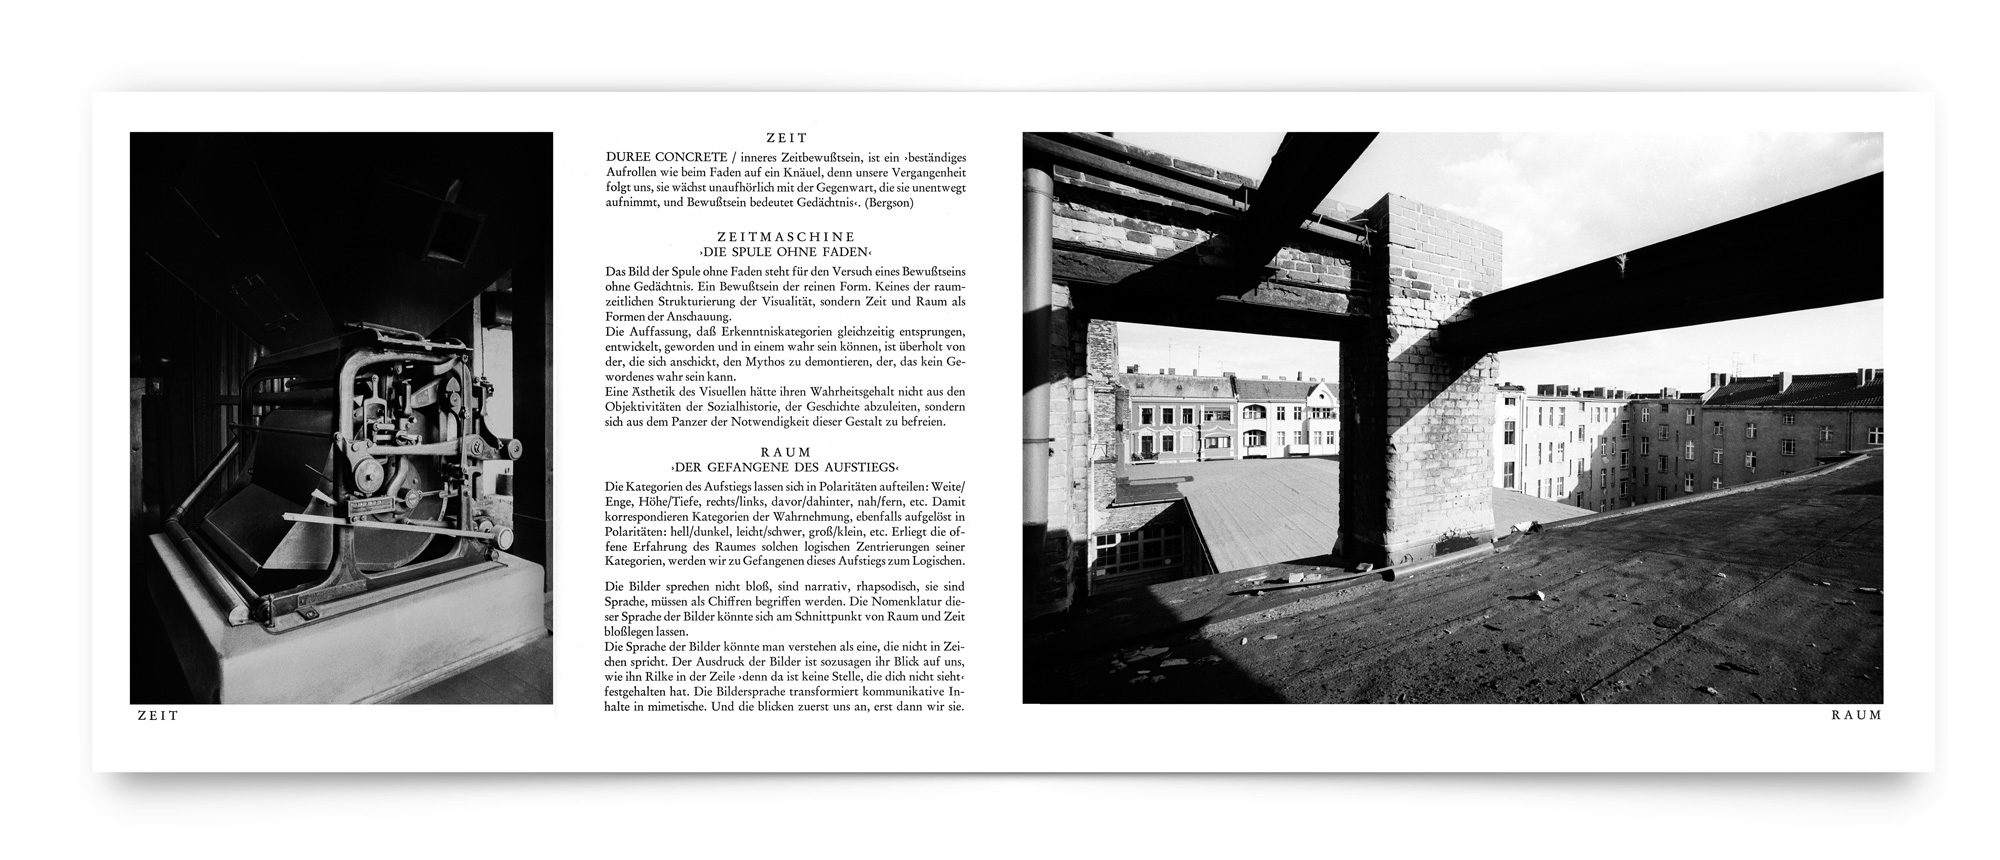 Bild-Text-Projekt: Die Fassade - Blick der Bilder (Innenseite)